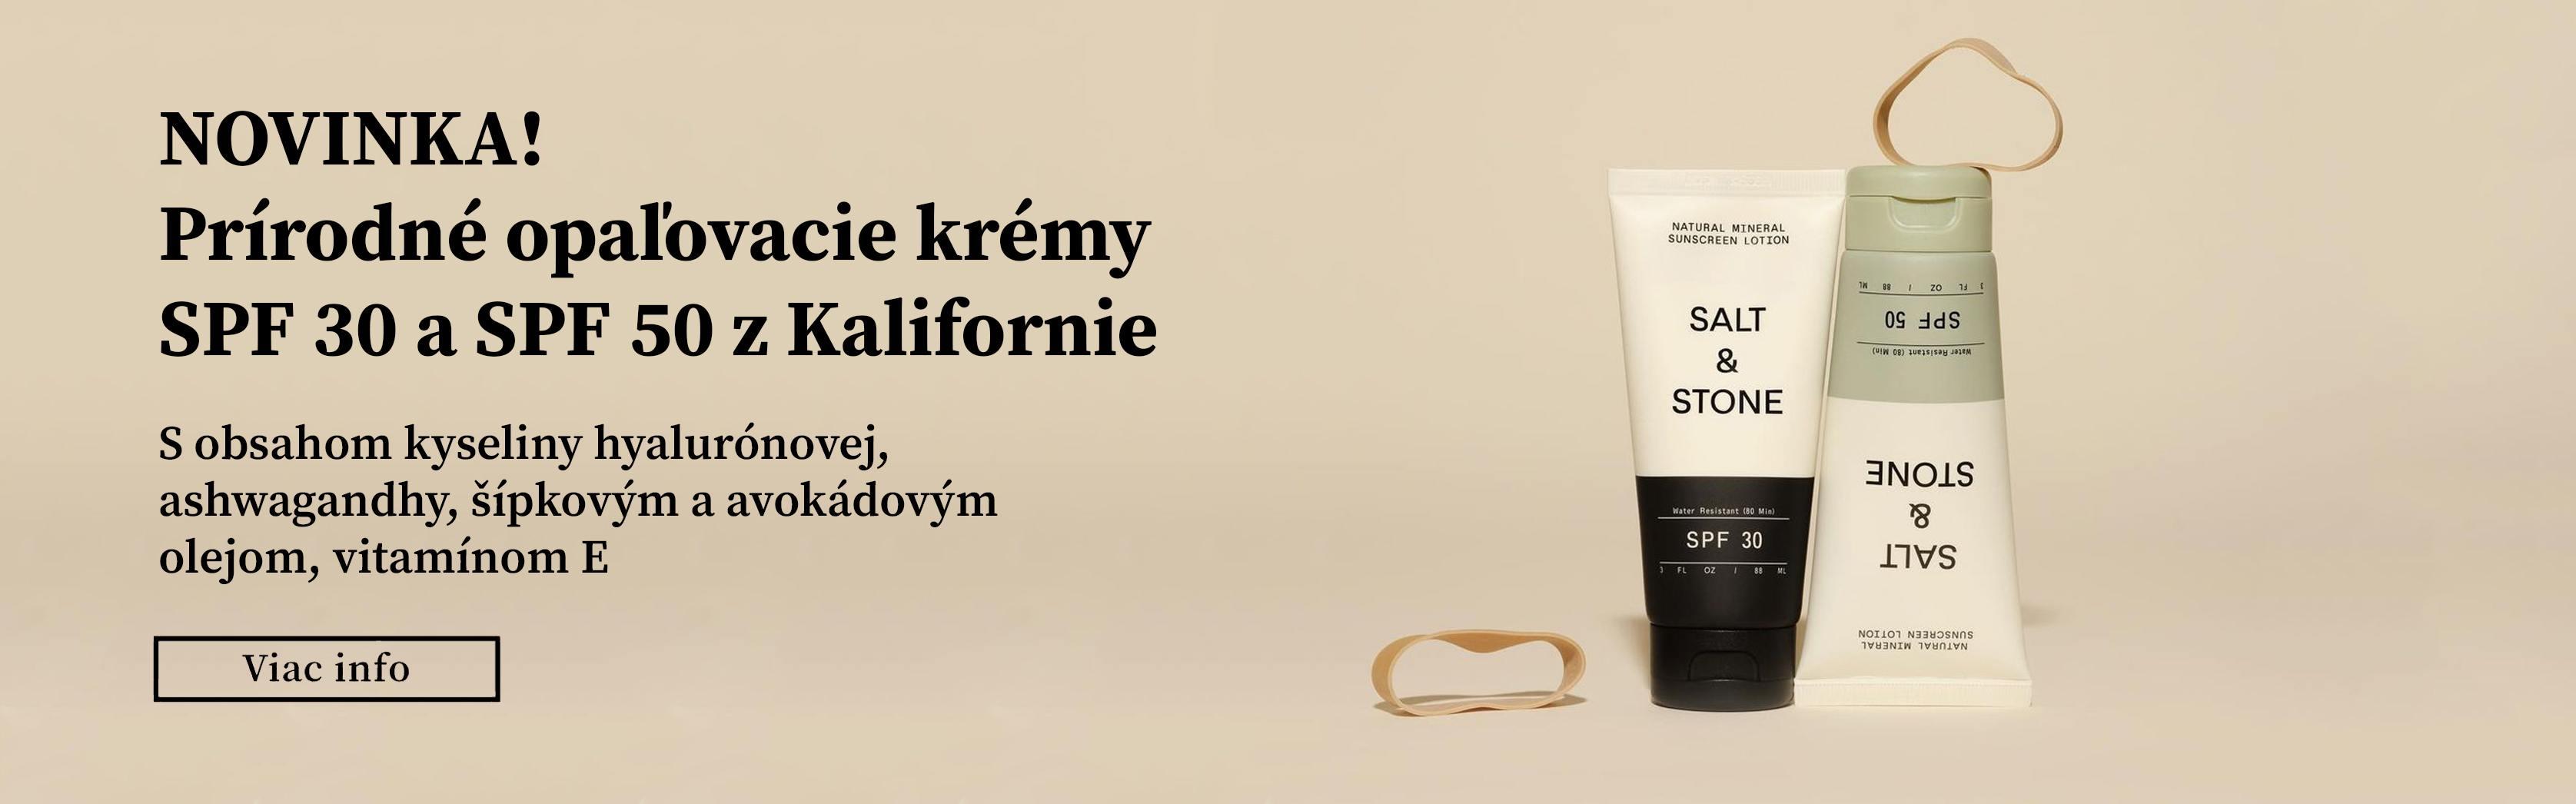 SALT & STONE SPF Novinka